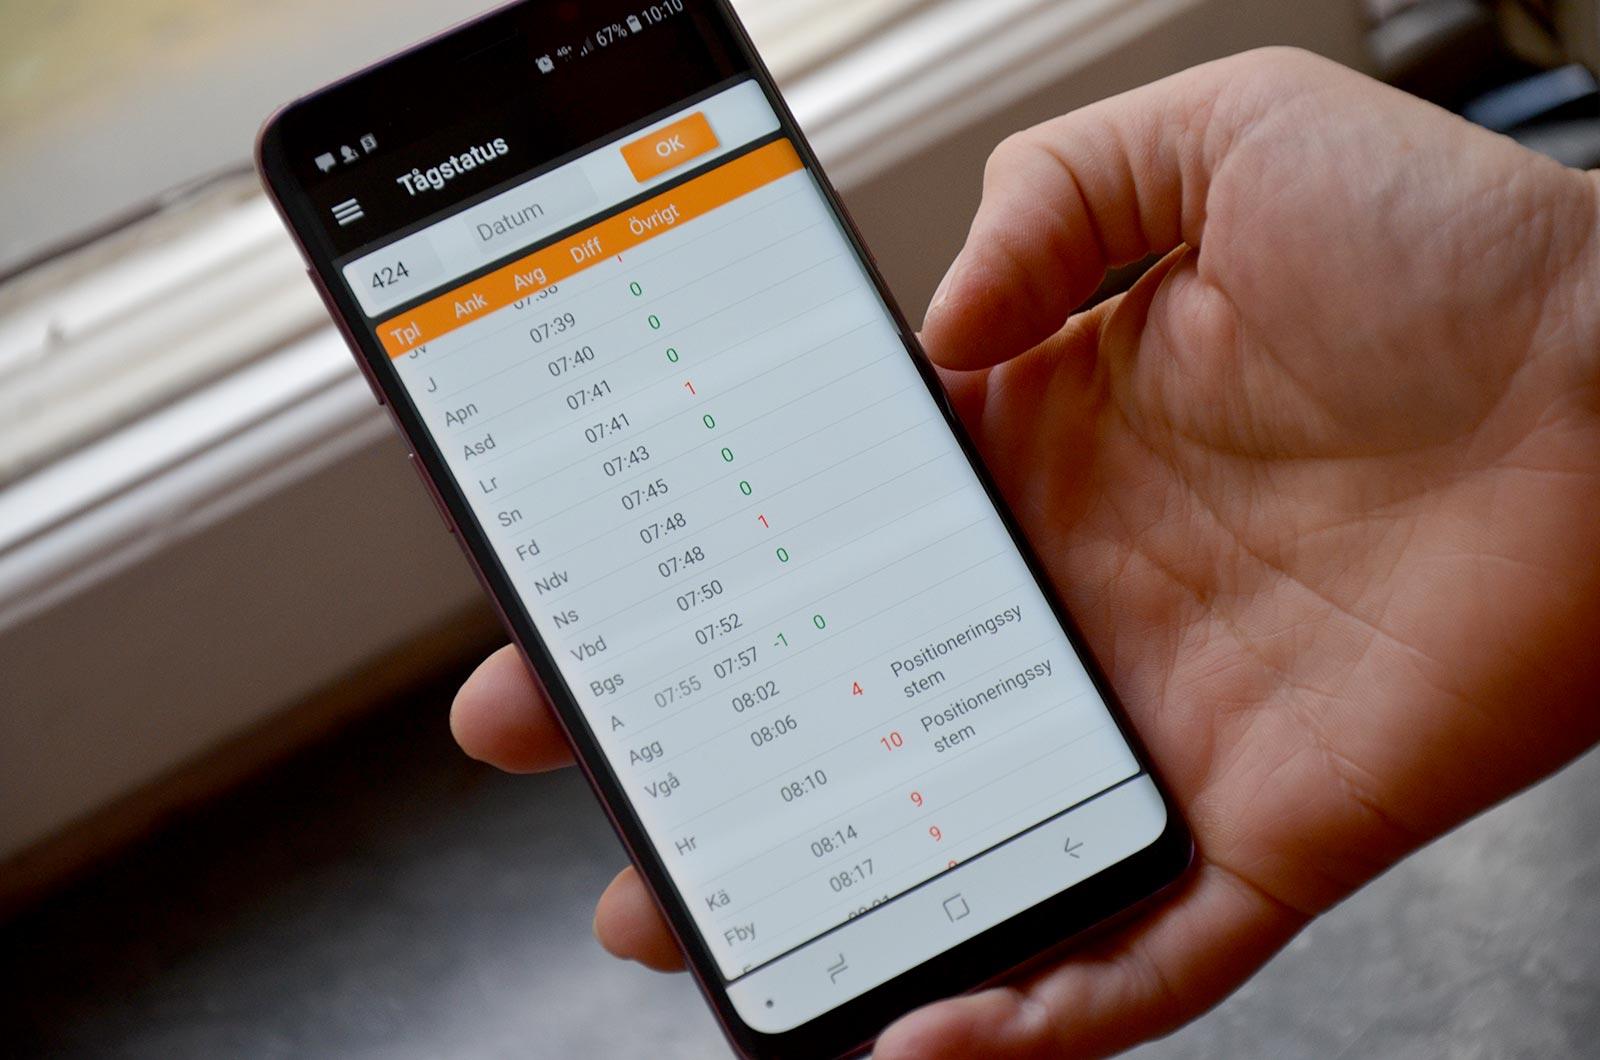 Info Tracker - tågstatus mobiltelefon